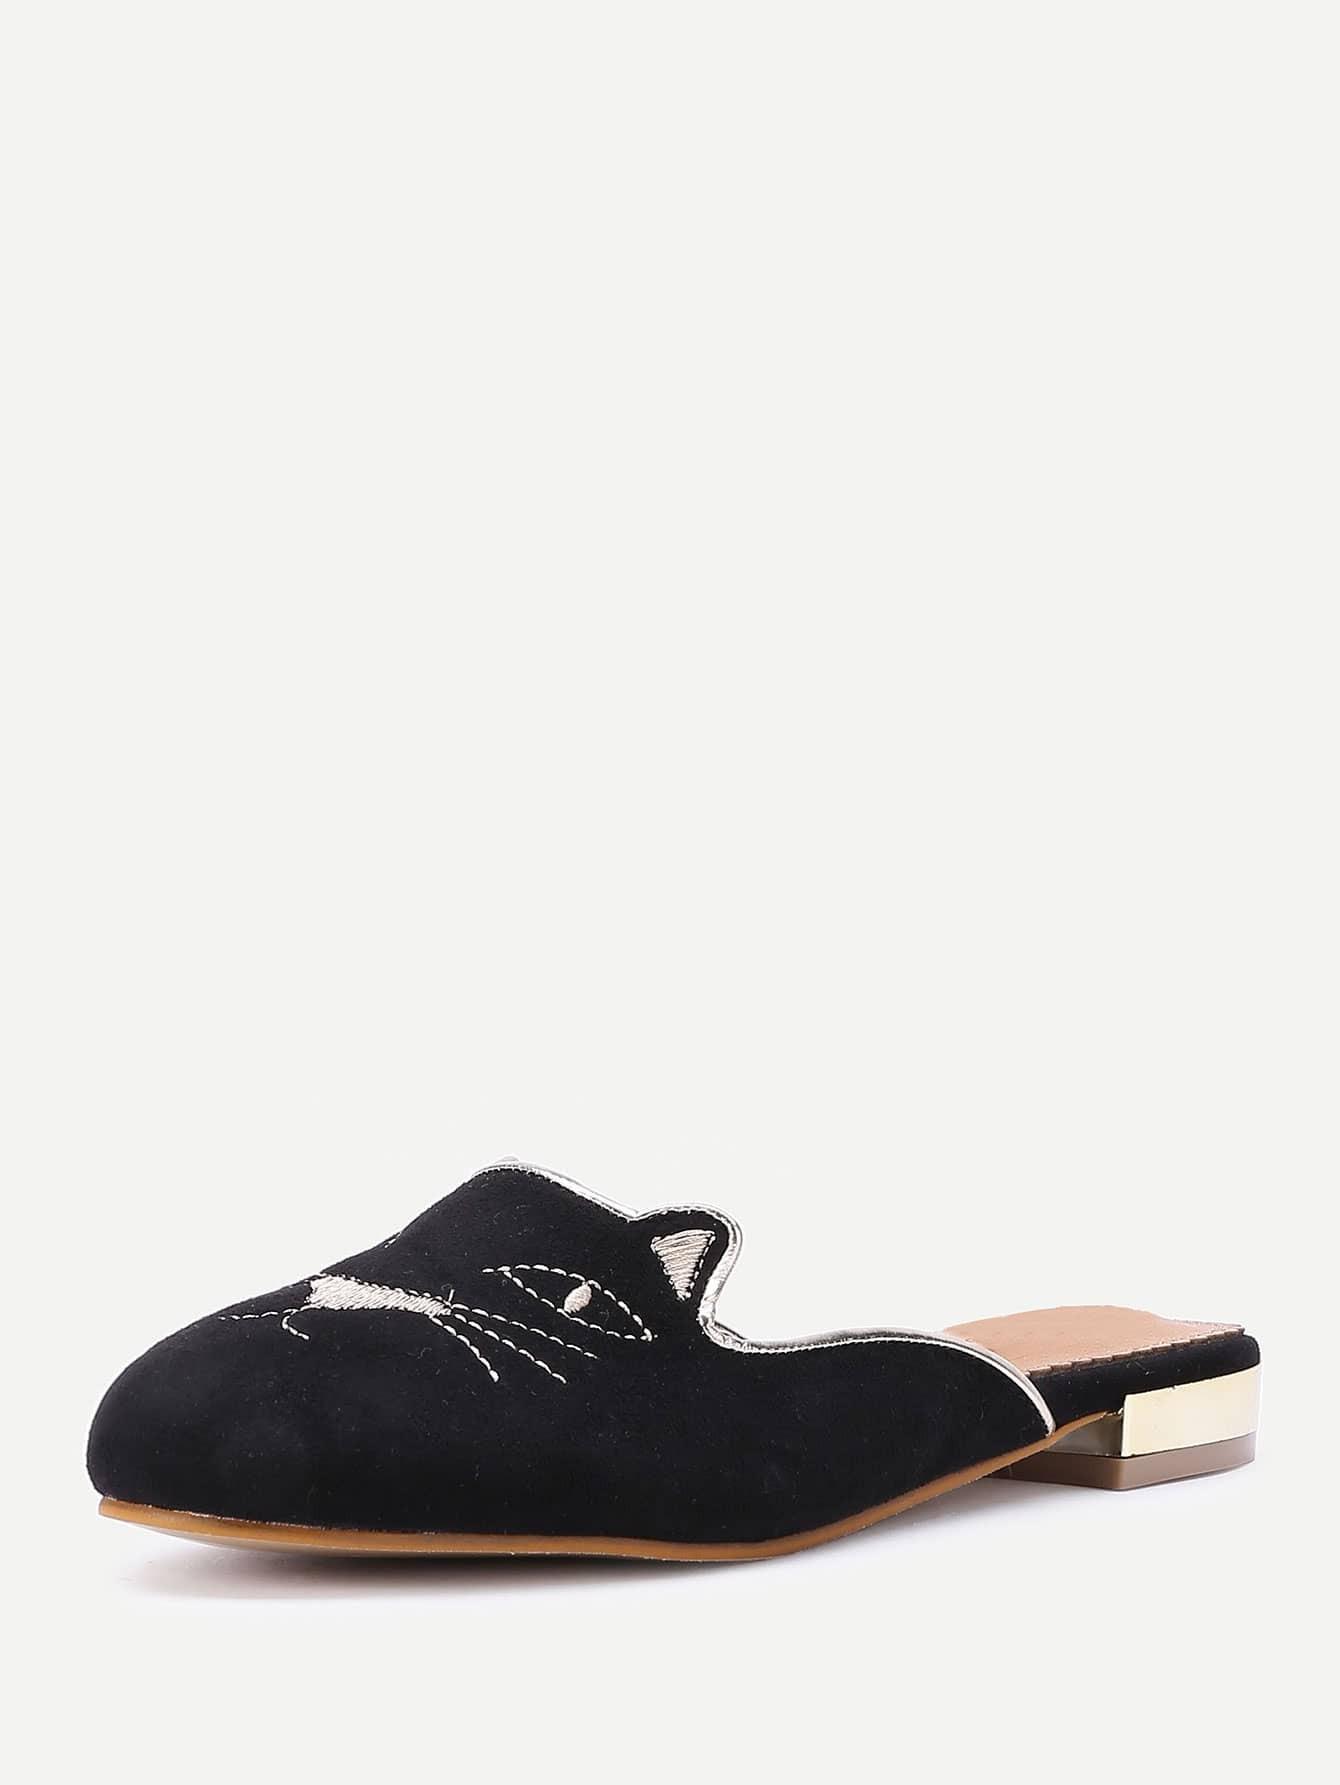 shoes170418803_2